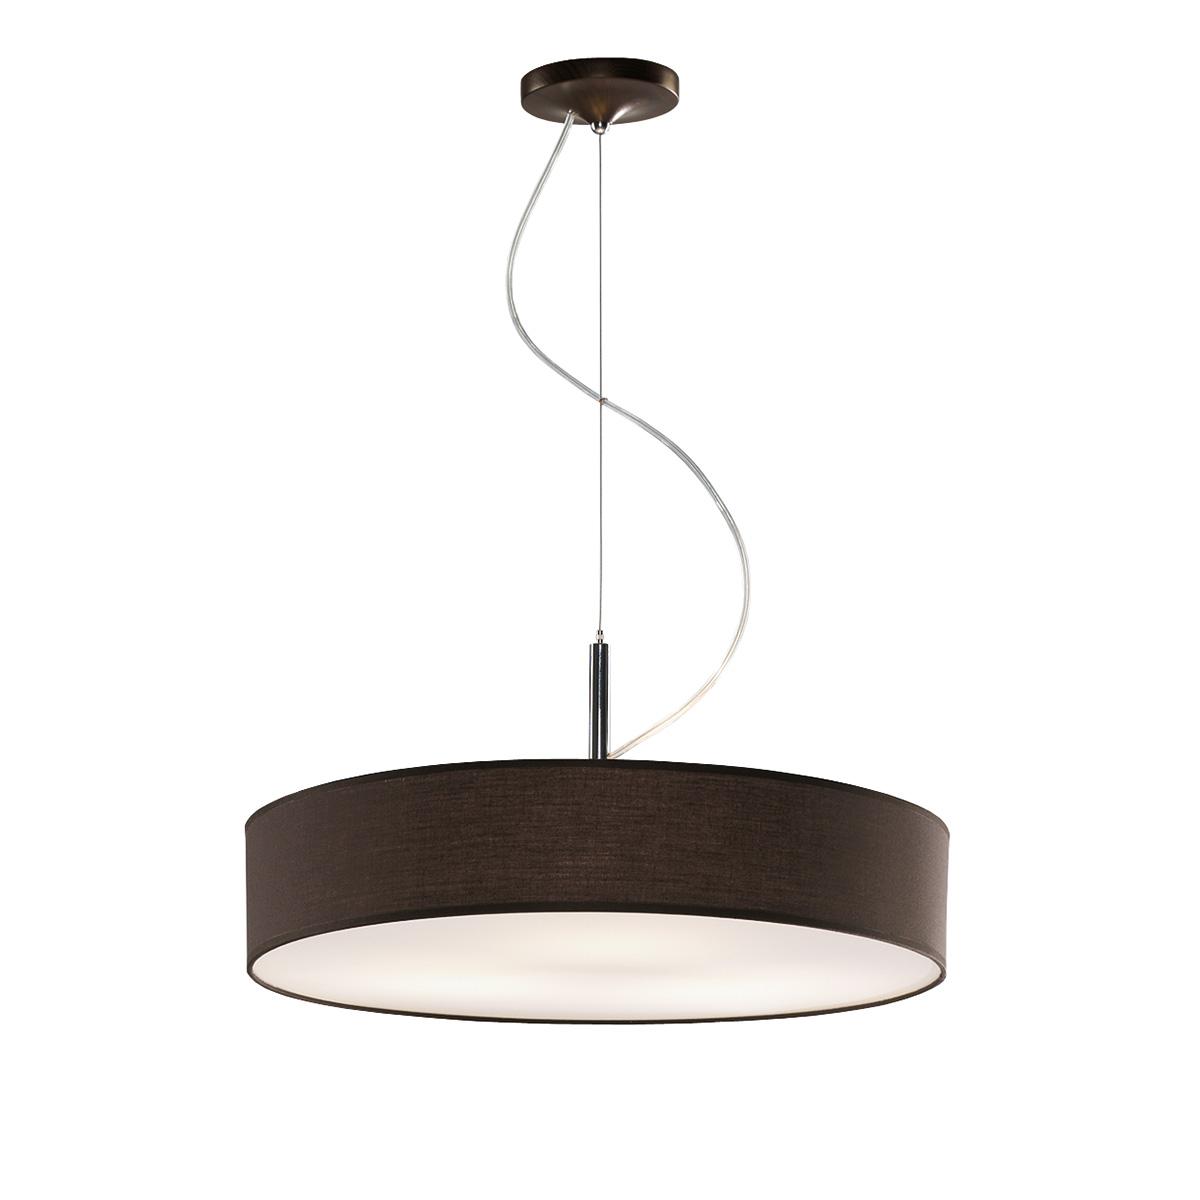 Κρεμαστό ανθρακί φωτιστικό DISCO ZEN suspension lamp with dark grey shade